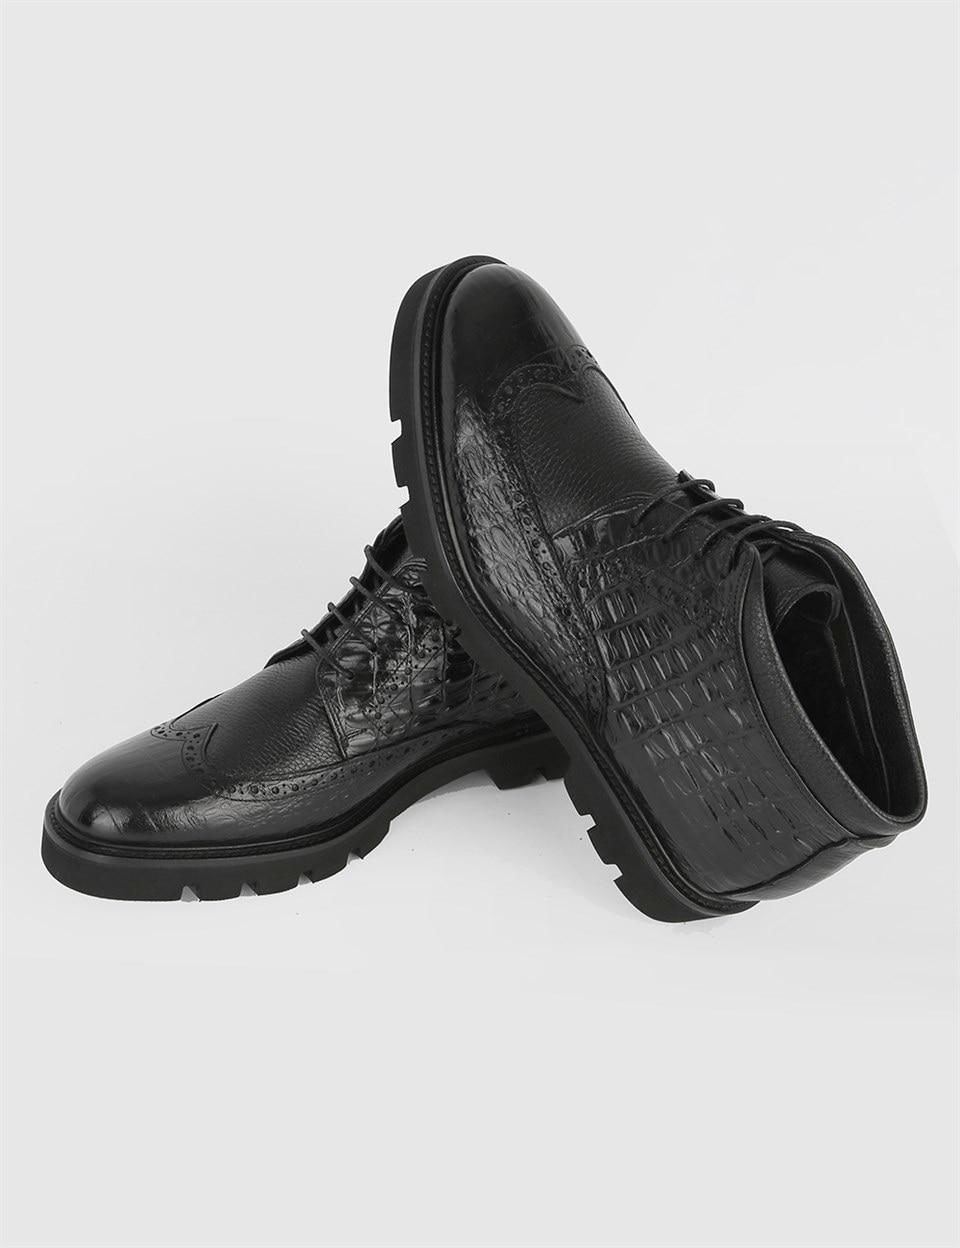 ILVi-جلد طبيعي مصنوع يدويًا Crys أسود FurMen مع جلد عائم-جلد أسود حذاء بوت للرجال خريف/شتاء 2020